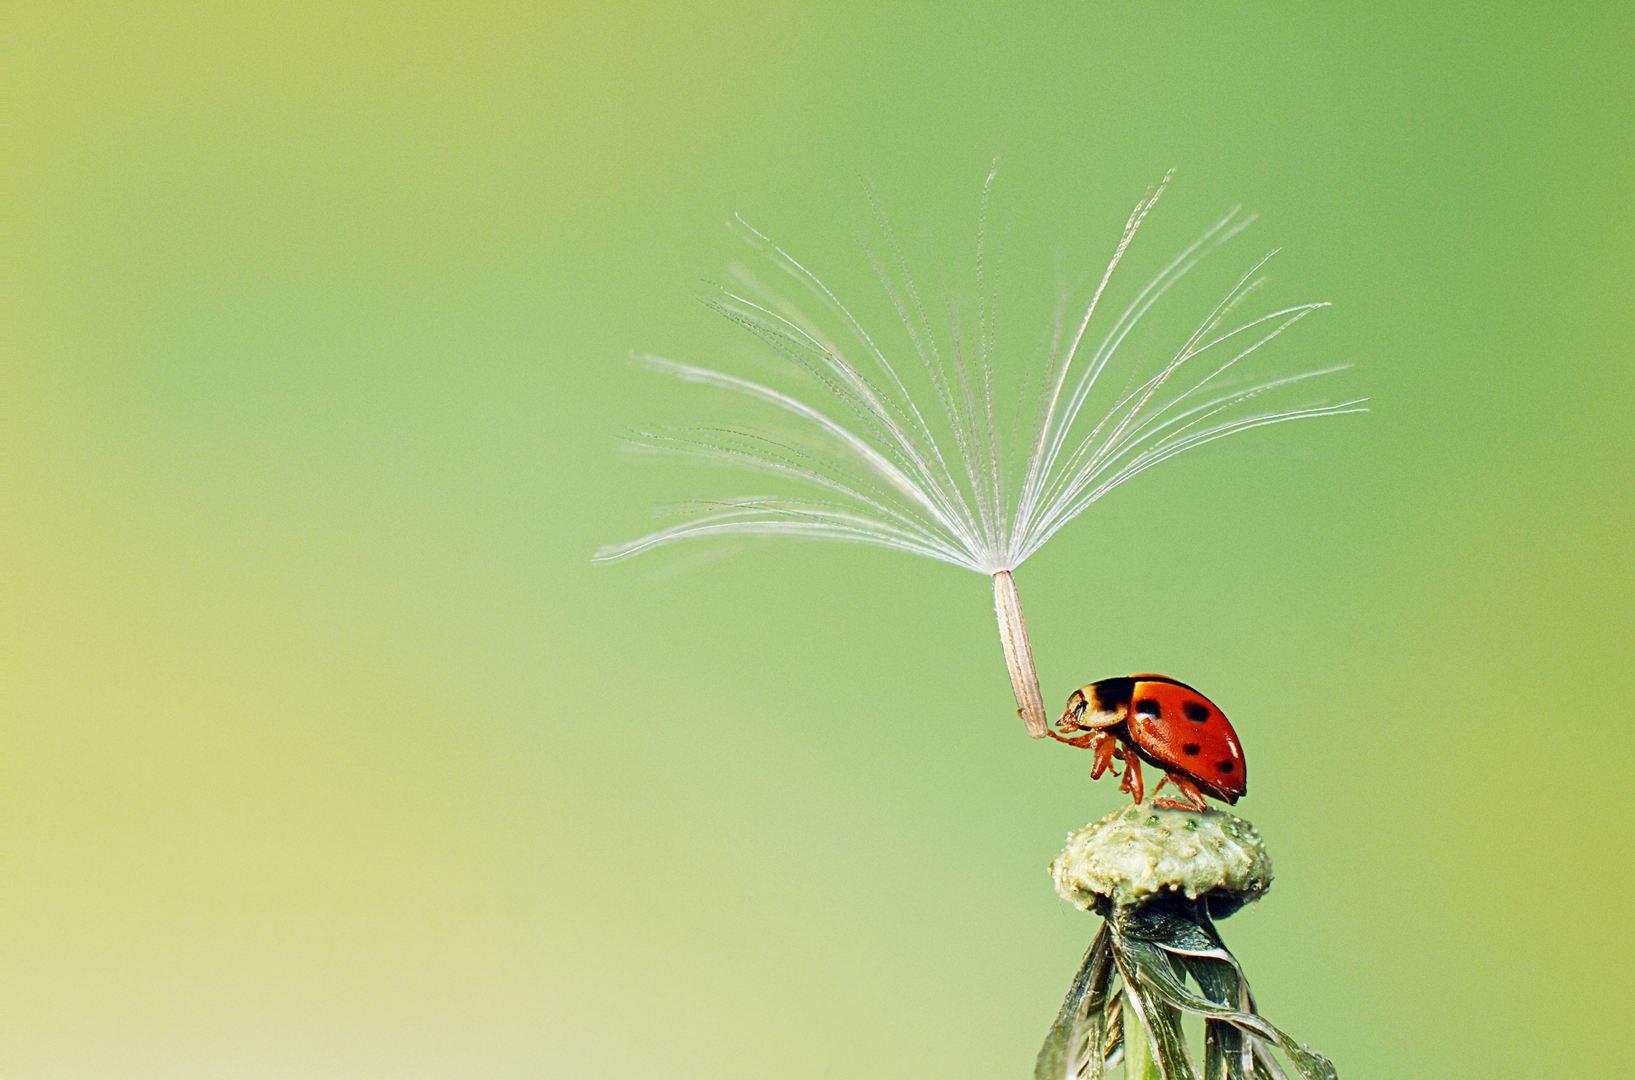 Az utolsó szál pollent tartó katica (Fotó: Hoang Hiep Nguyen)